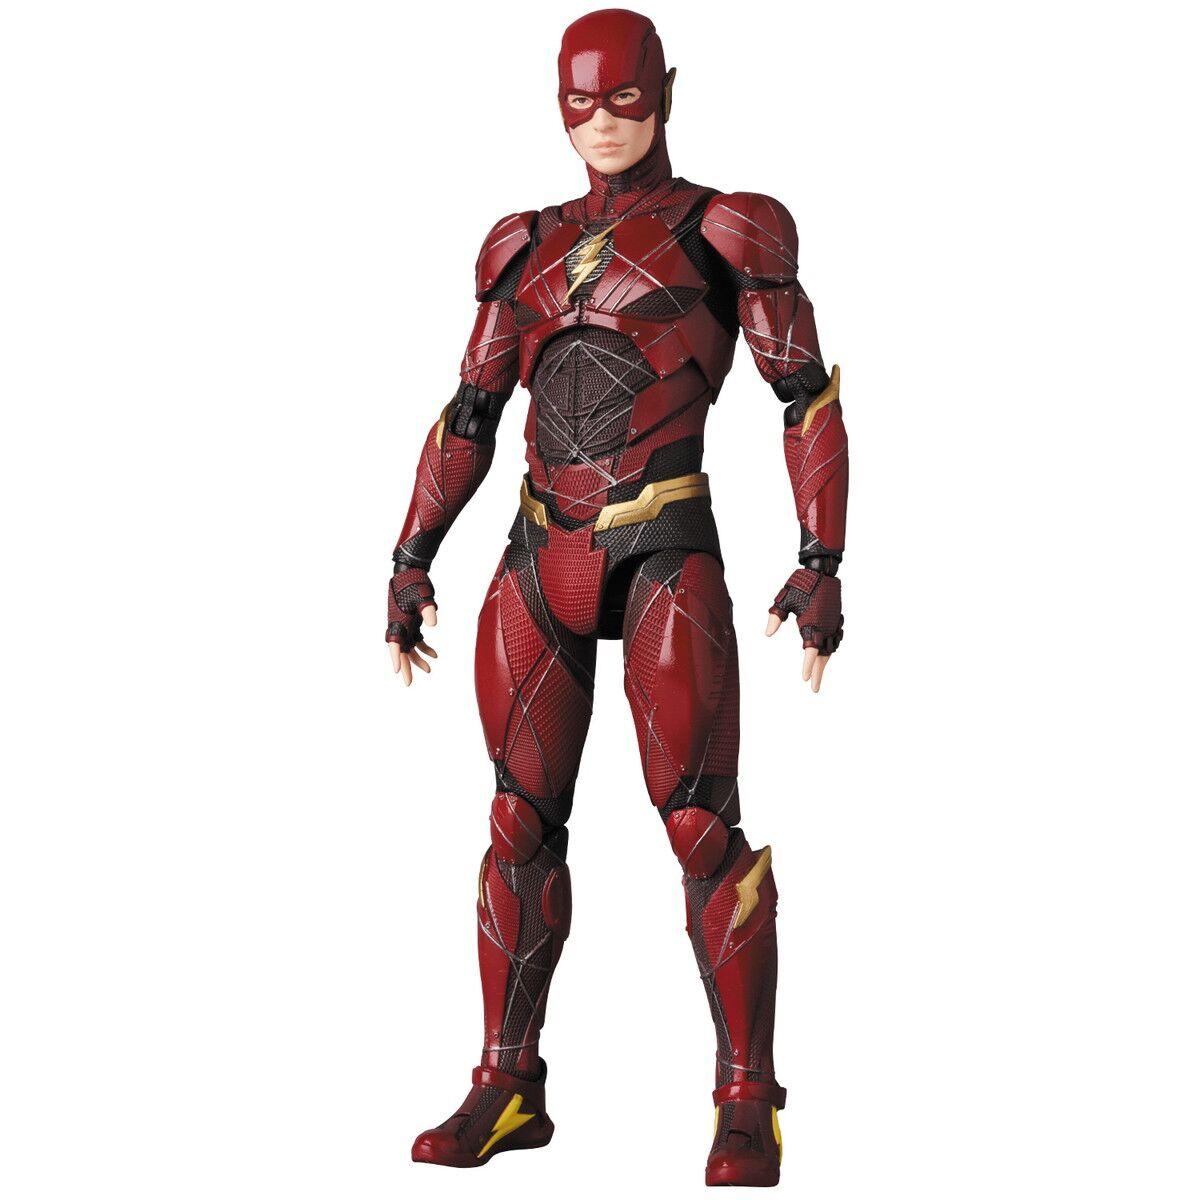 Flash Justice League Figure 4530956470580